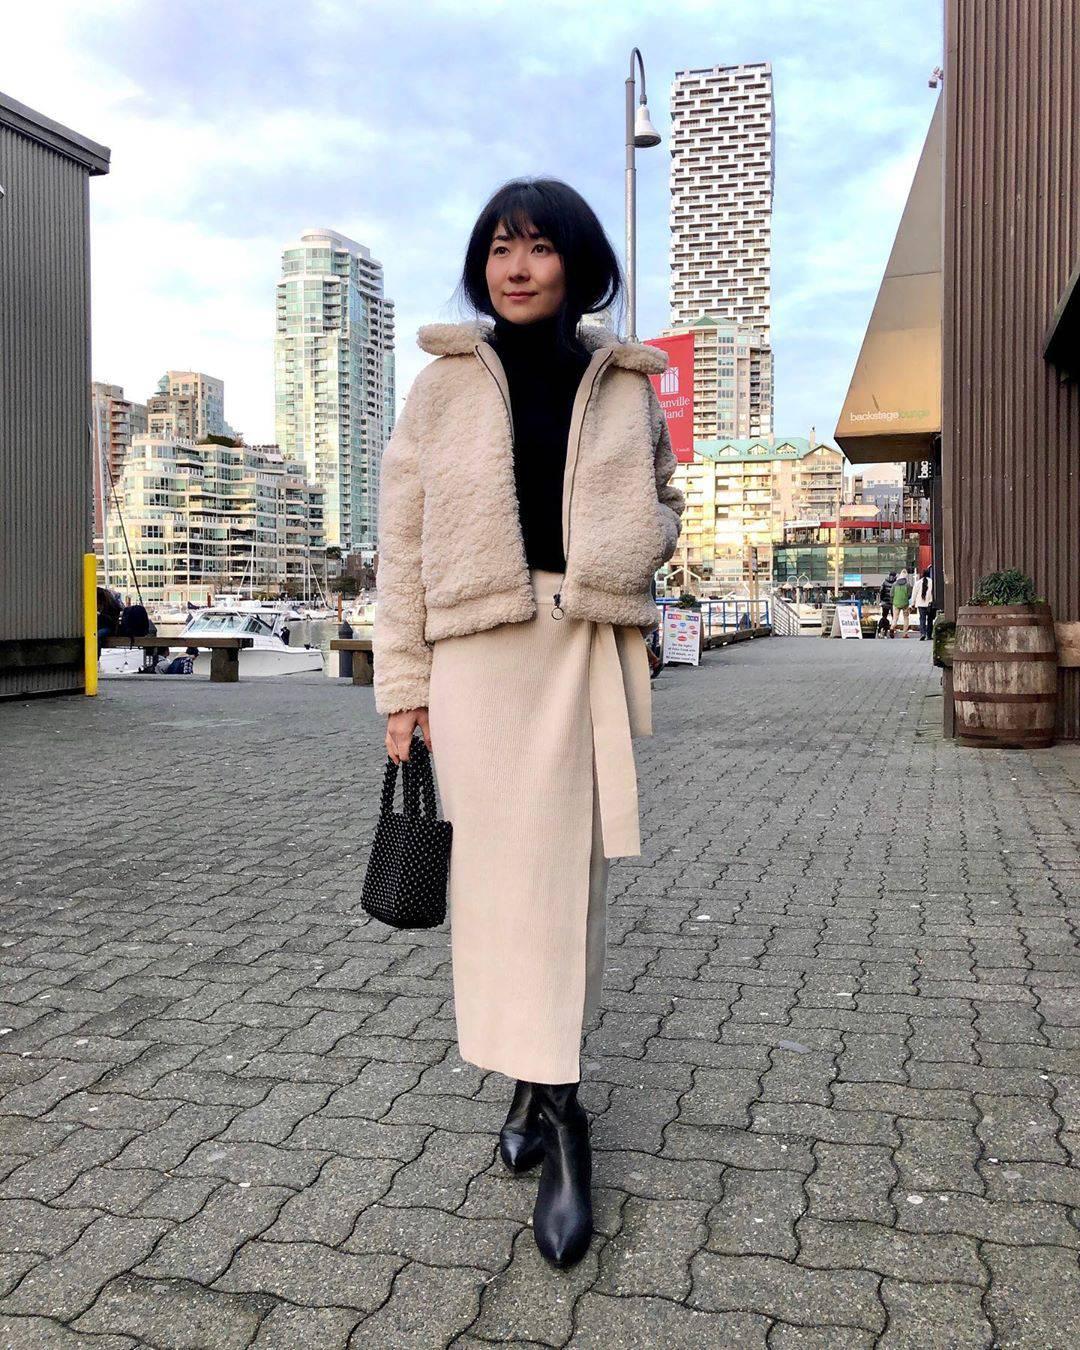 最高気温12度・最低気温3度 i.styleclosetの服装